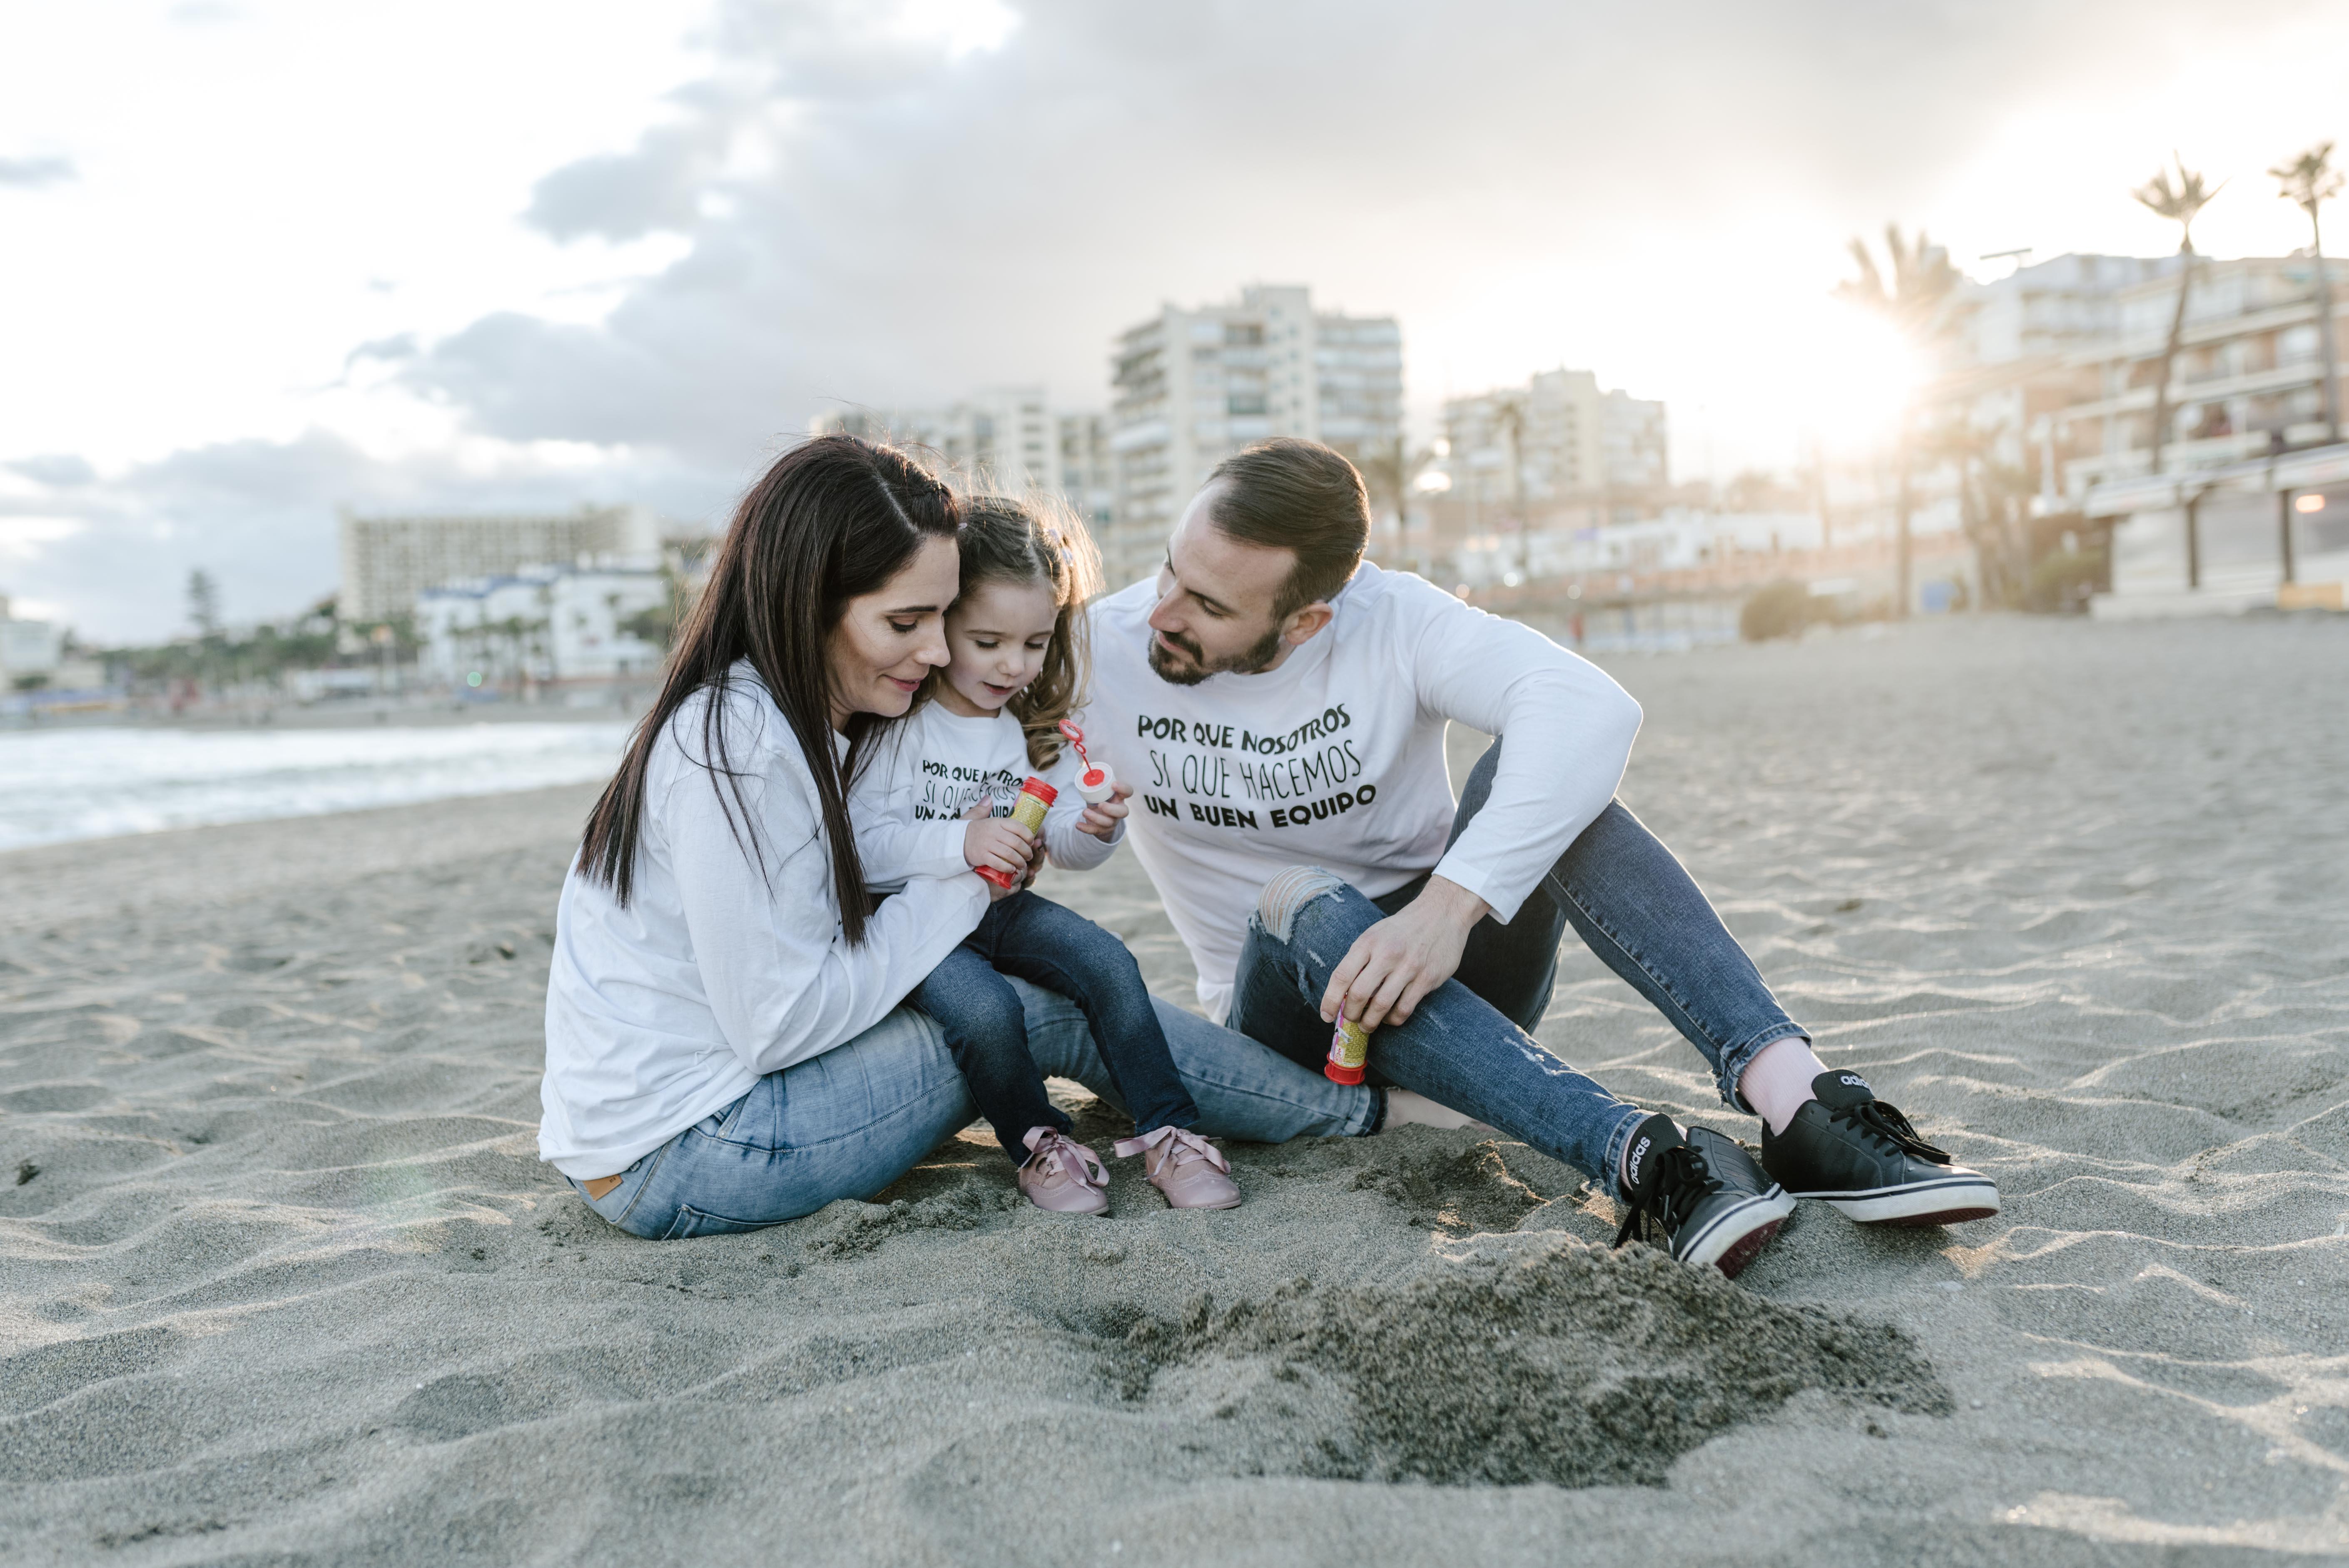 Preboda Tatiana & Antonio, una preboda en el parque de la paloma, Benalmádena, Málaga